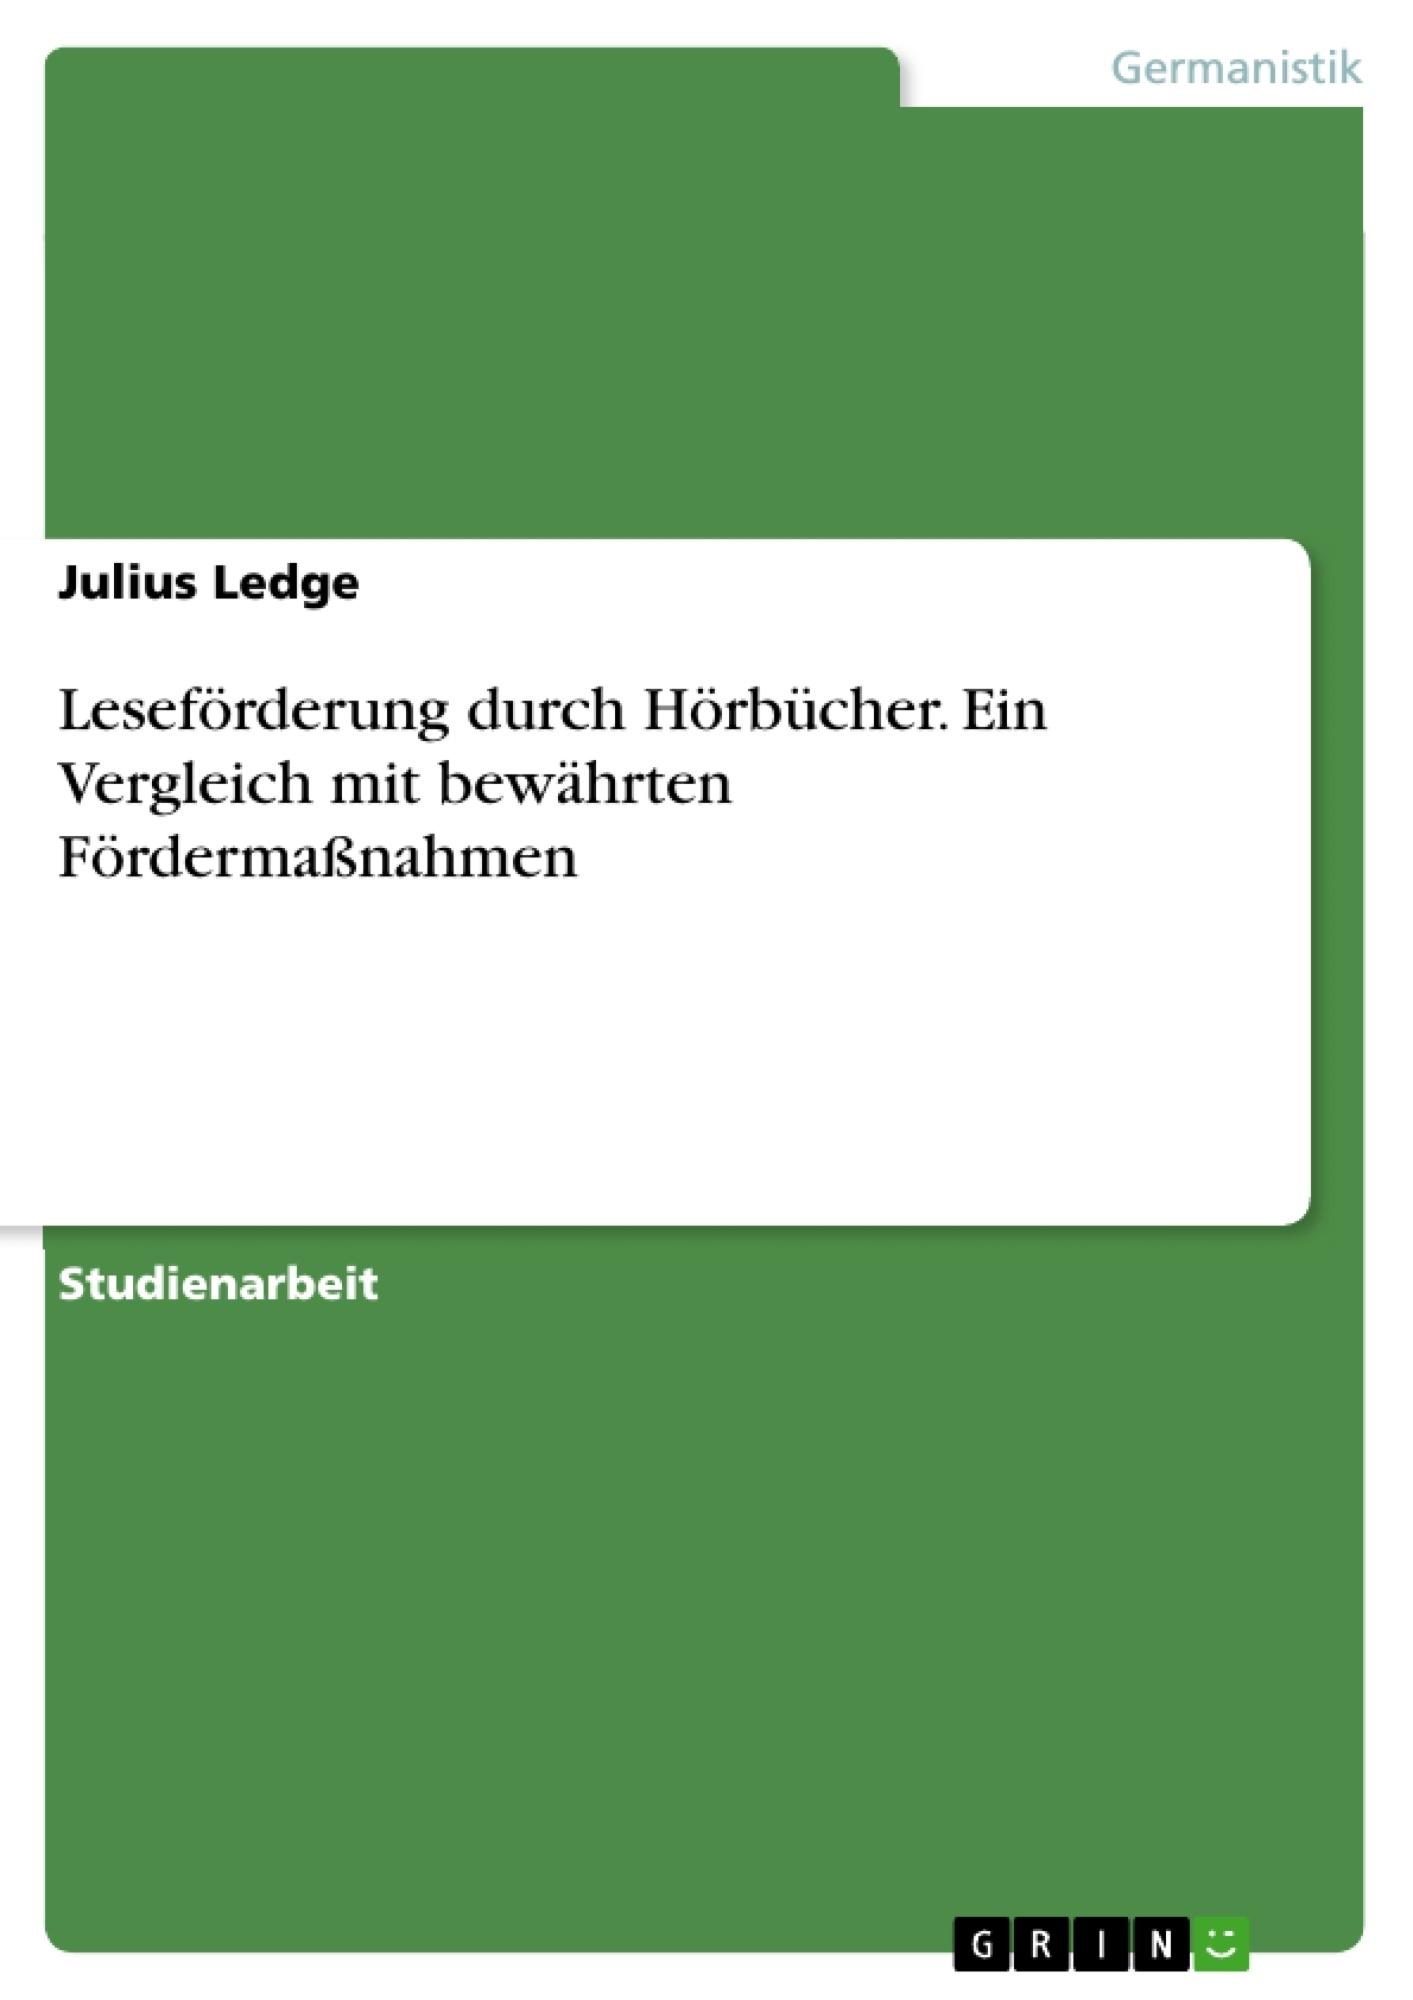 Titel: Leseförderung durch Hörbücher. Ein Vergleich mit bewährten Fördermaßnahmen